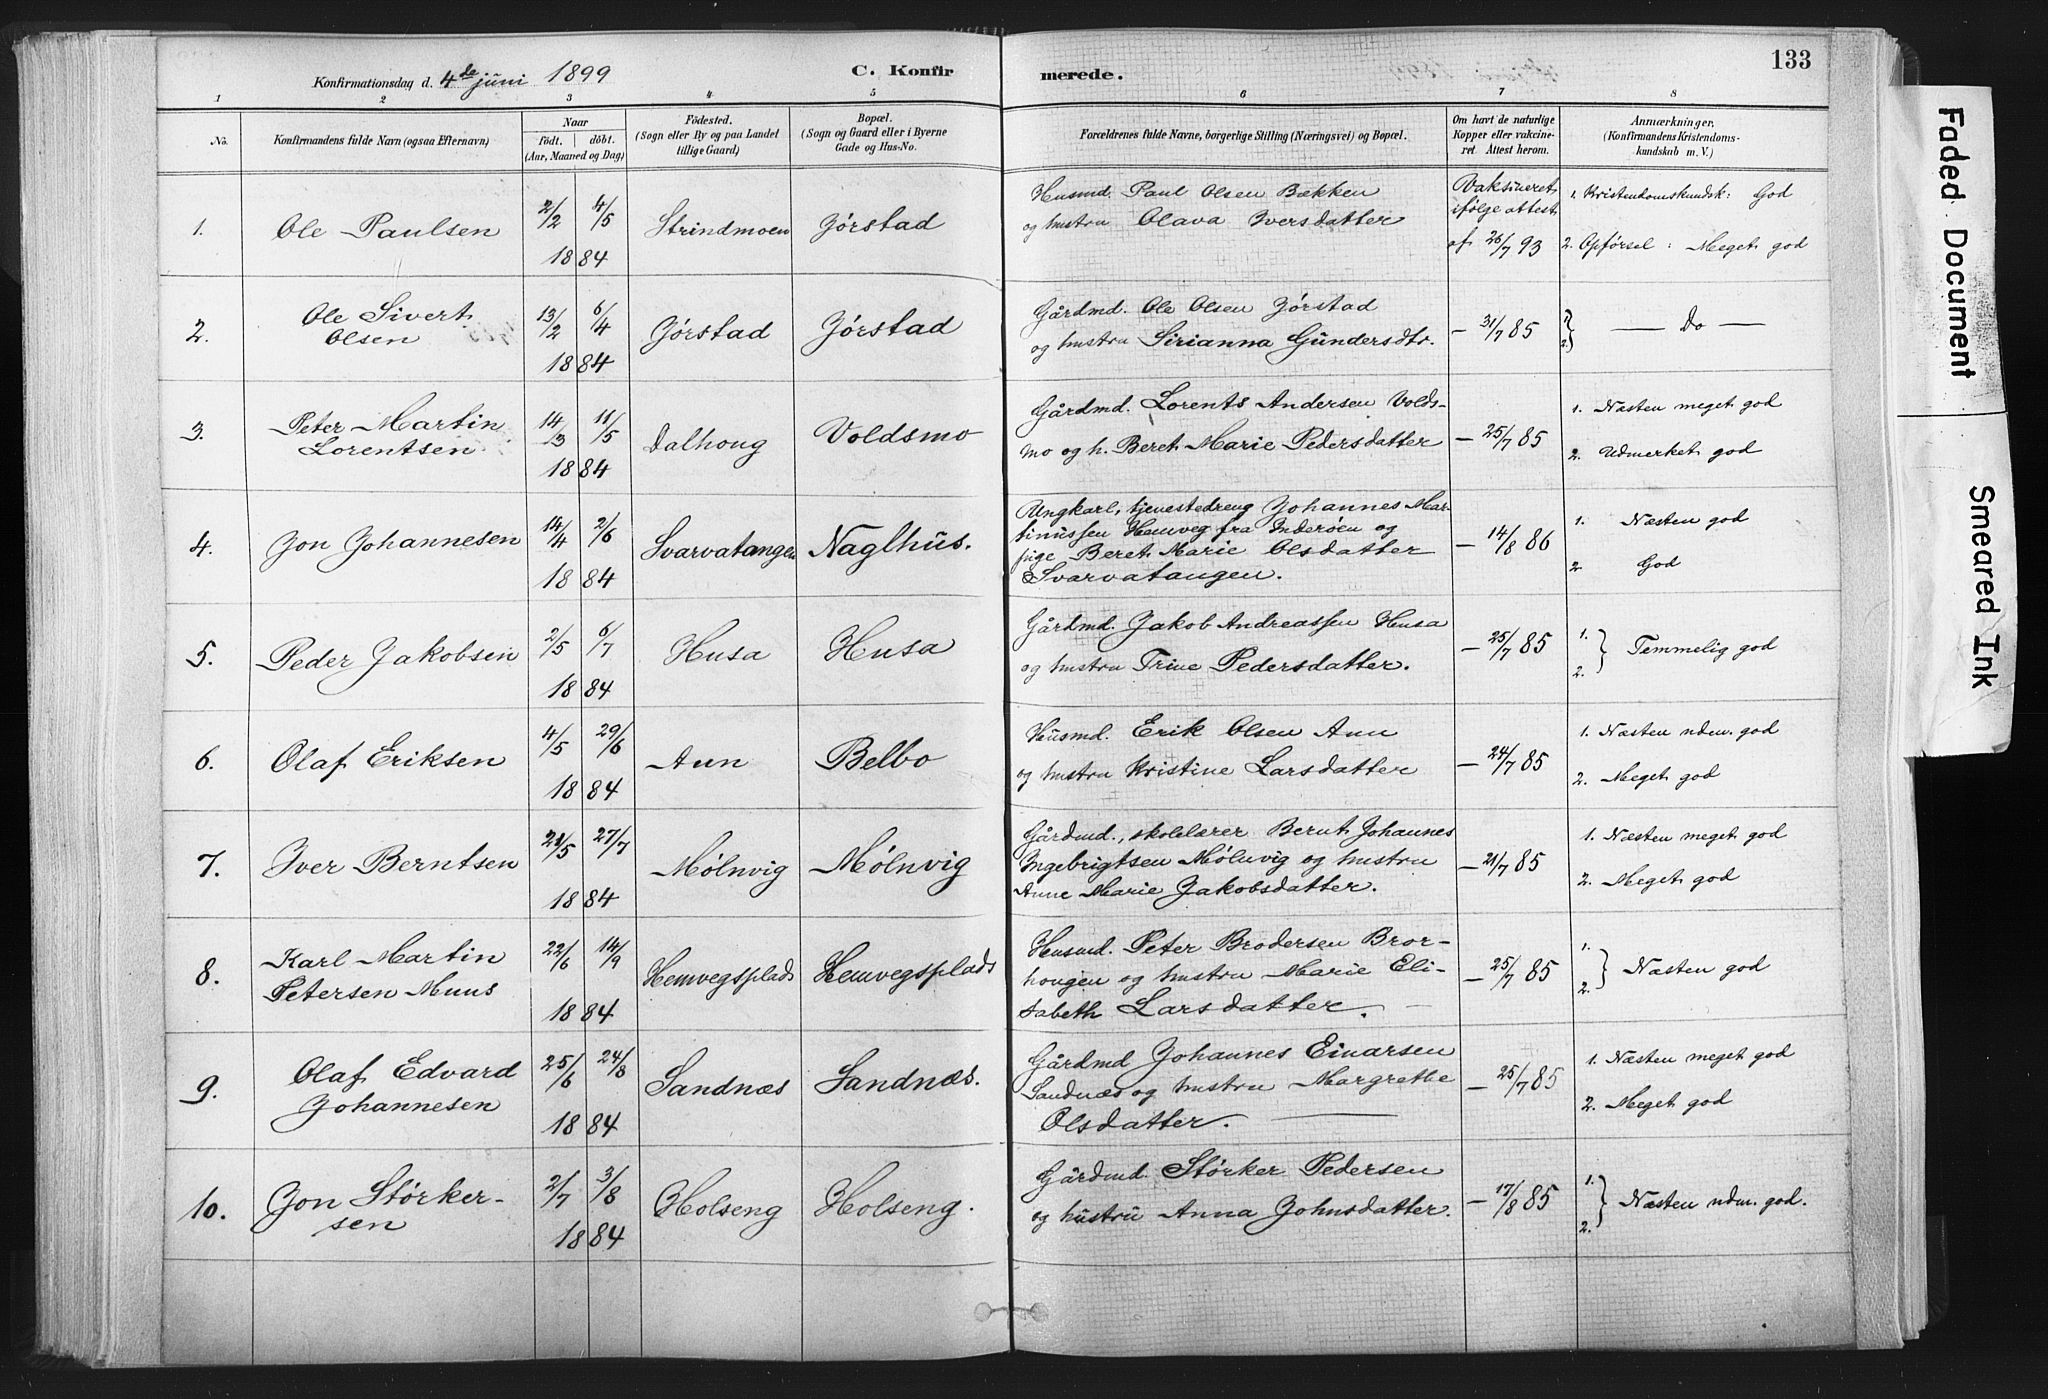 SAT, Ministerialprotokoller, klokkerbøker og fødselsregistre - Nord-Trøndelag, 749/L0474: Ministerialbok nr. 749A08, 1887-1903, s. 133